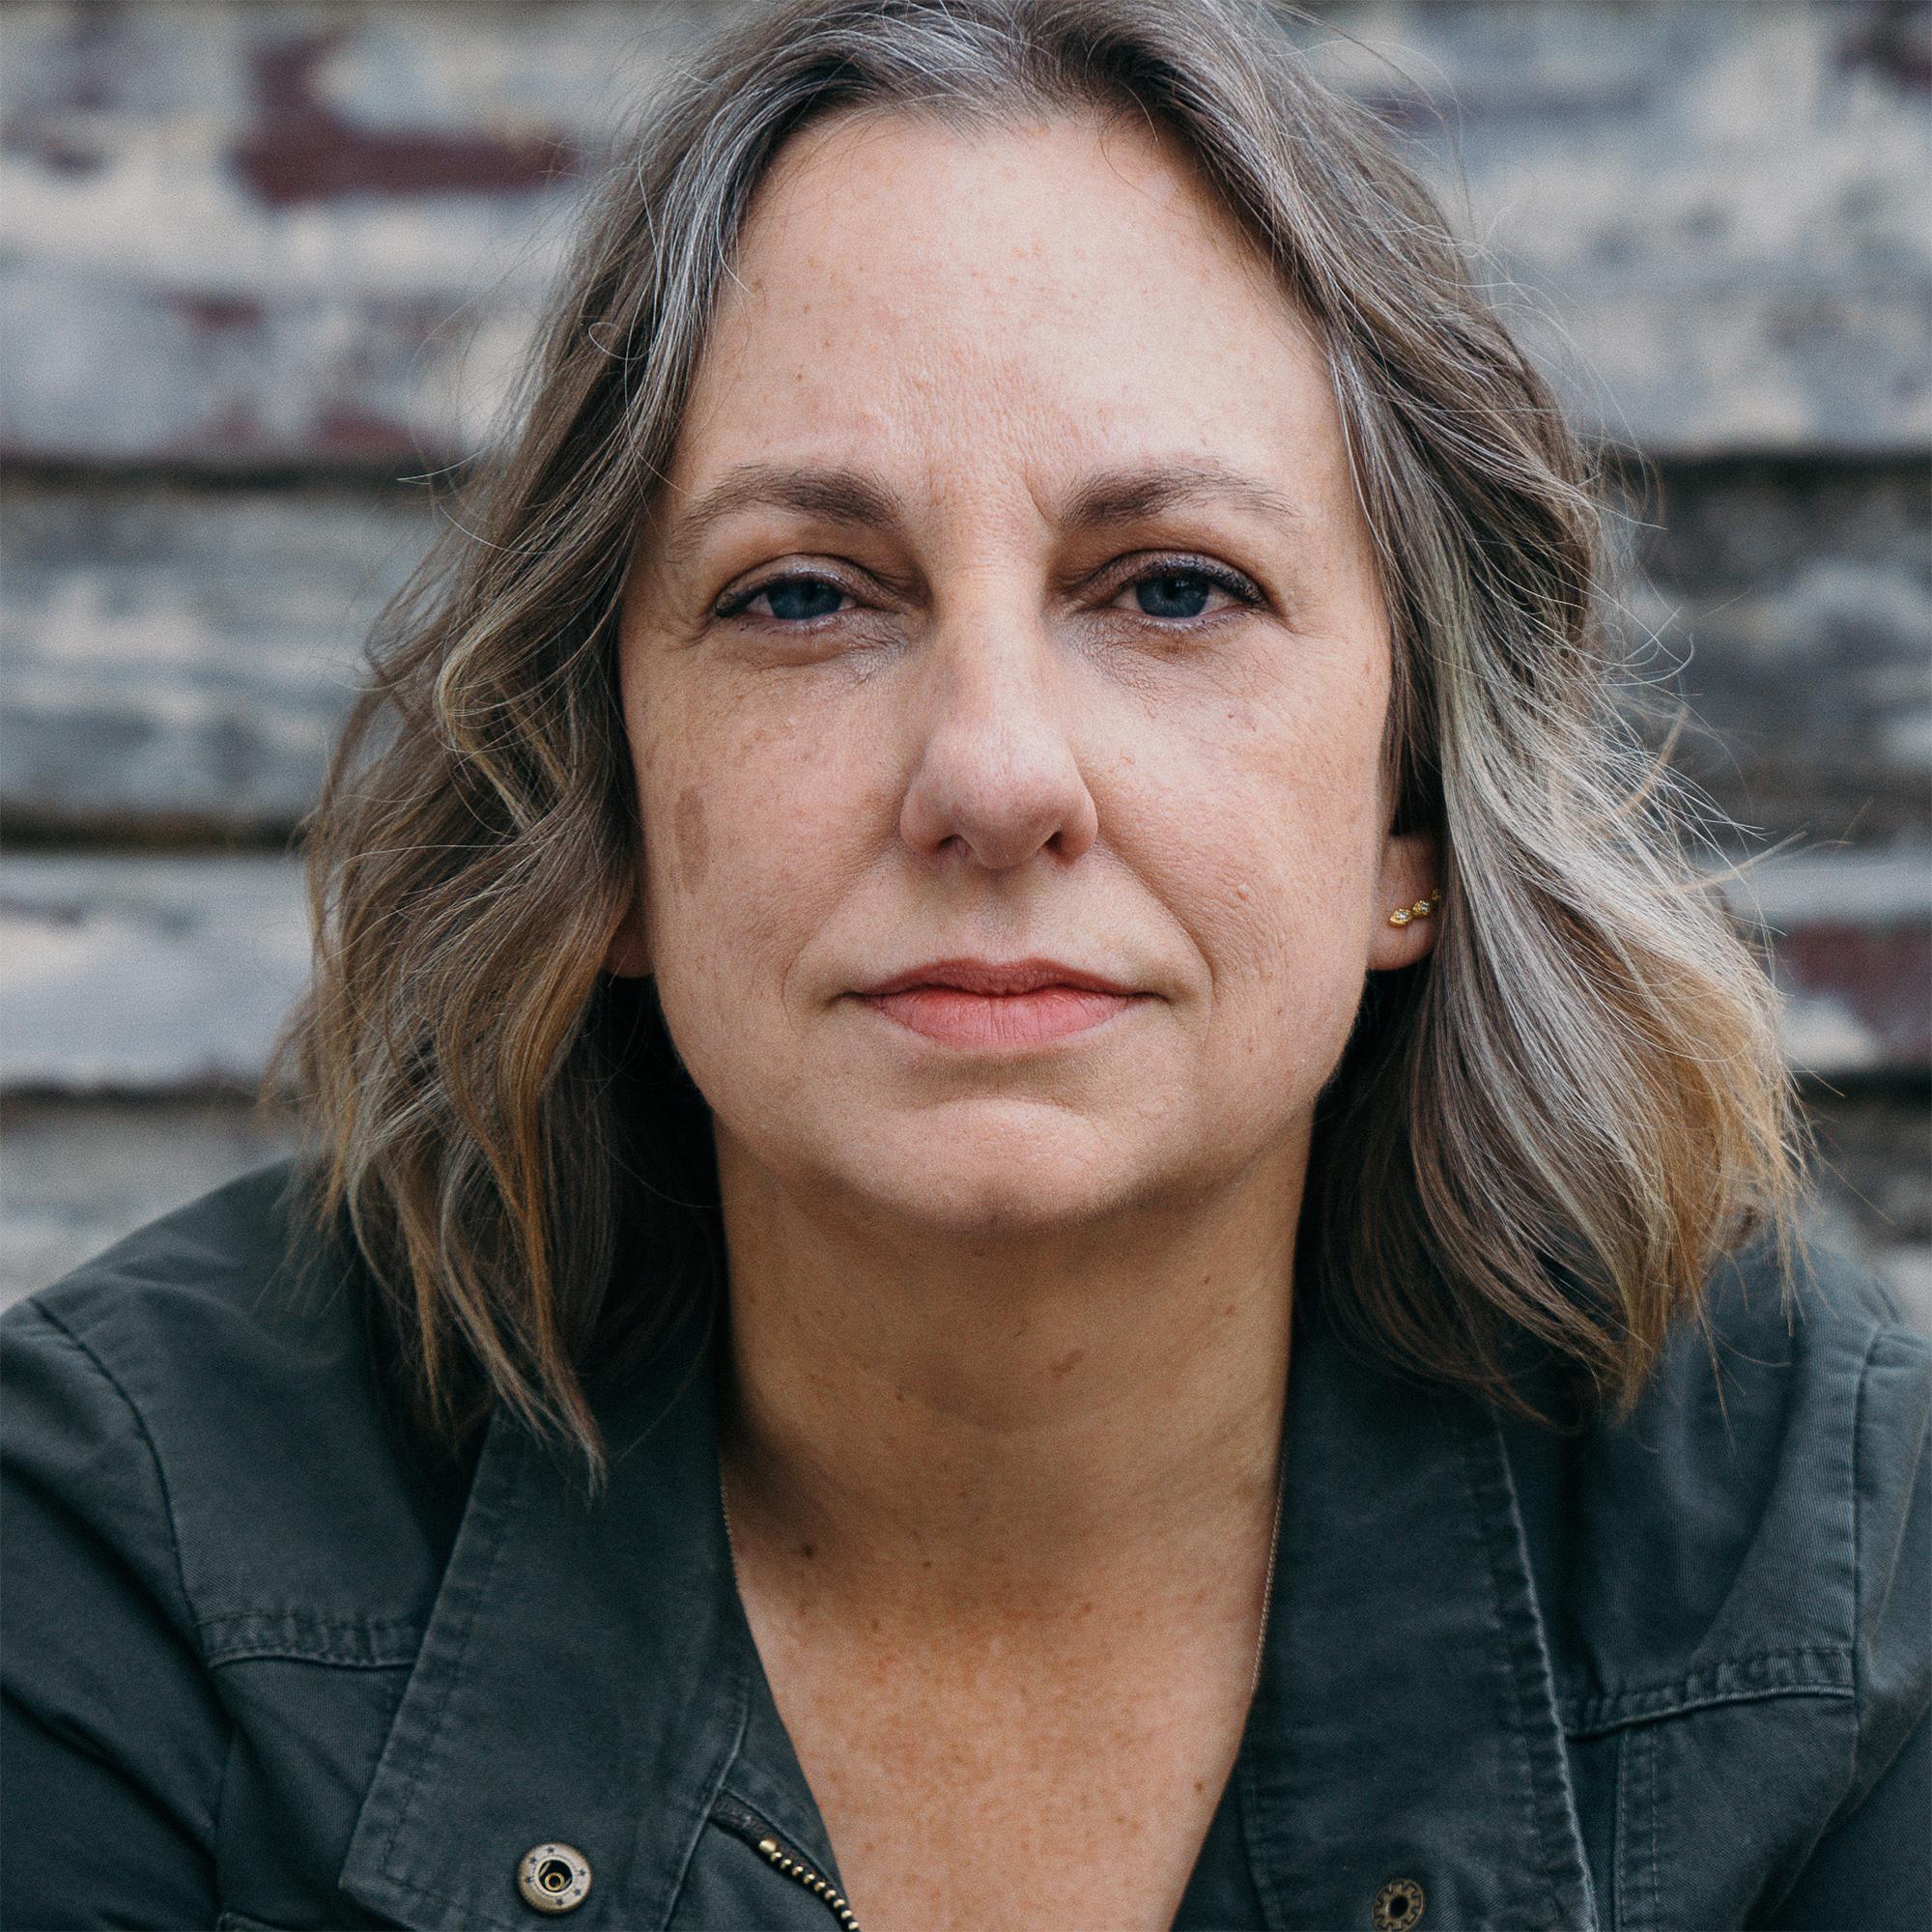 Cheryl Isaacson